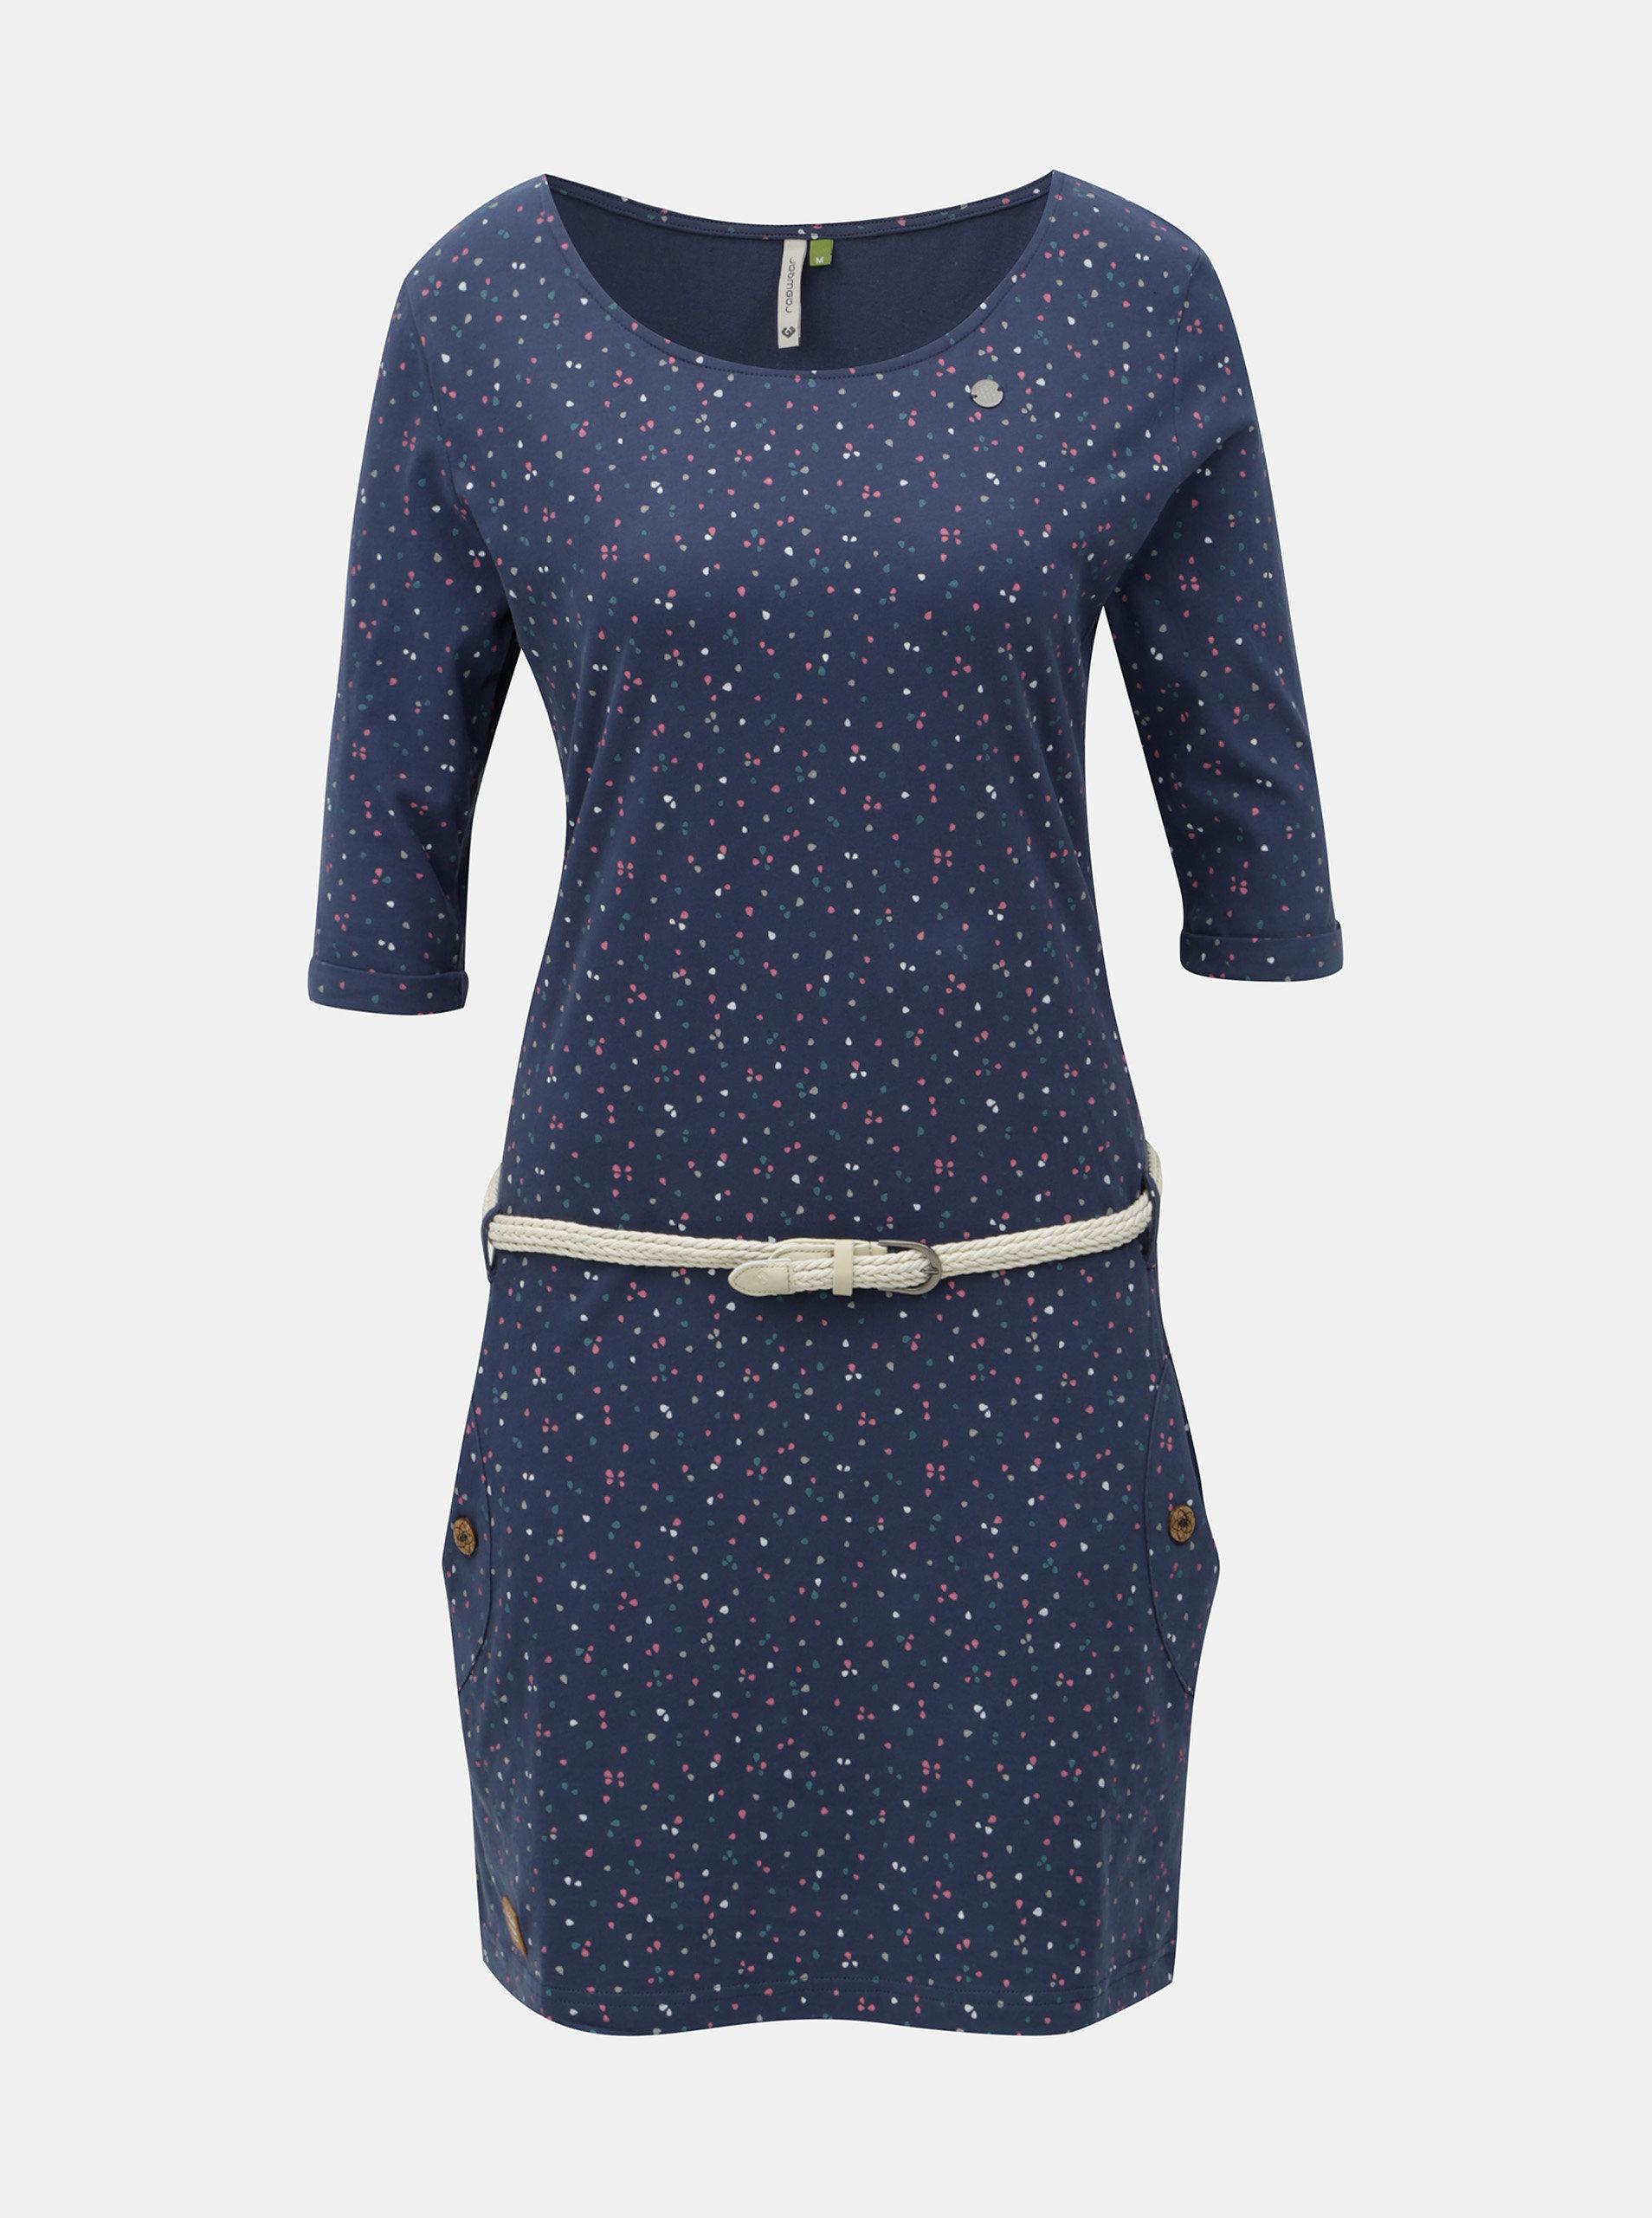 02a3738e1b2a Tmavomodré vzorované šaty s vreckami Ragwear Tanya Organic ...